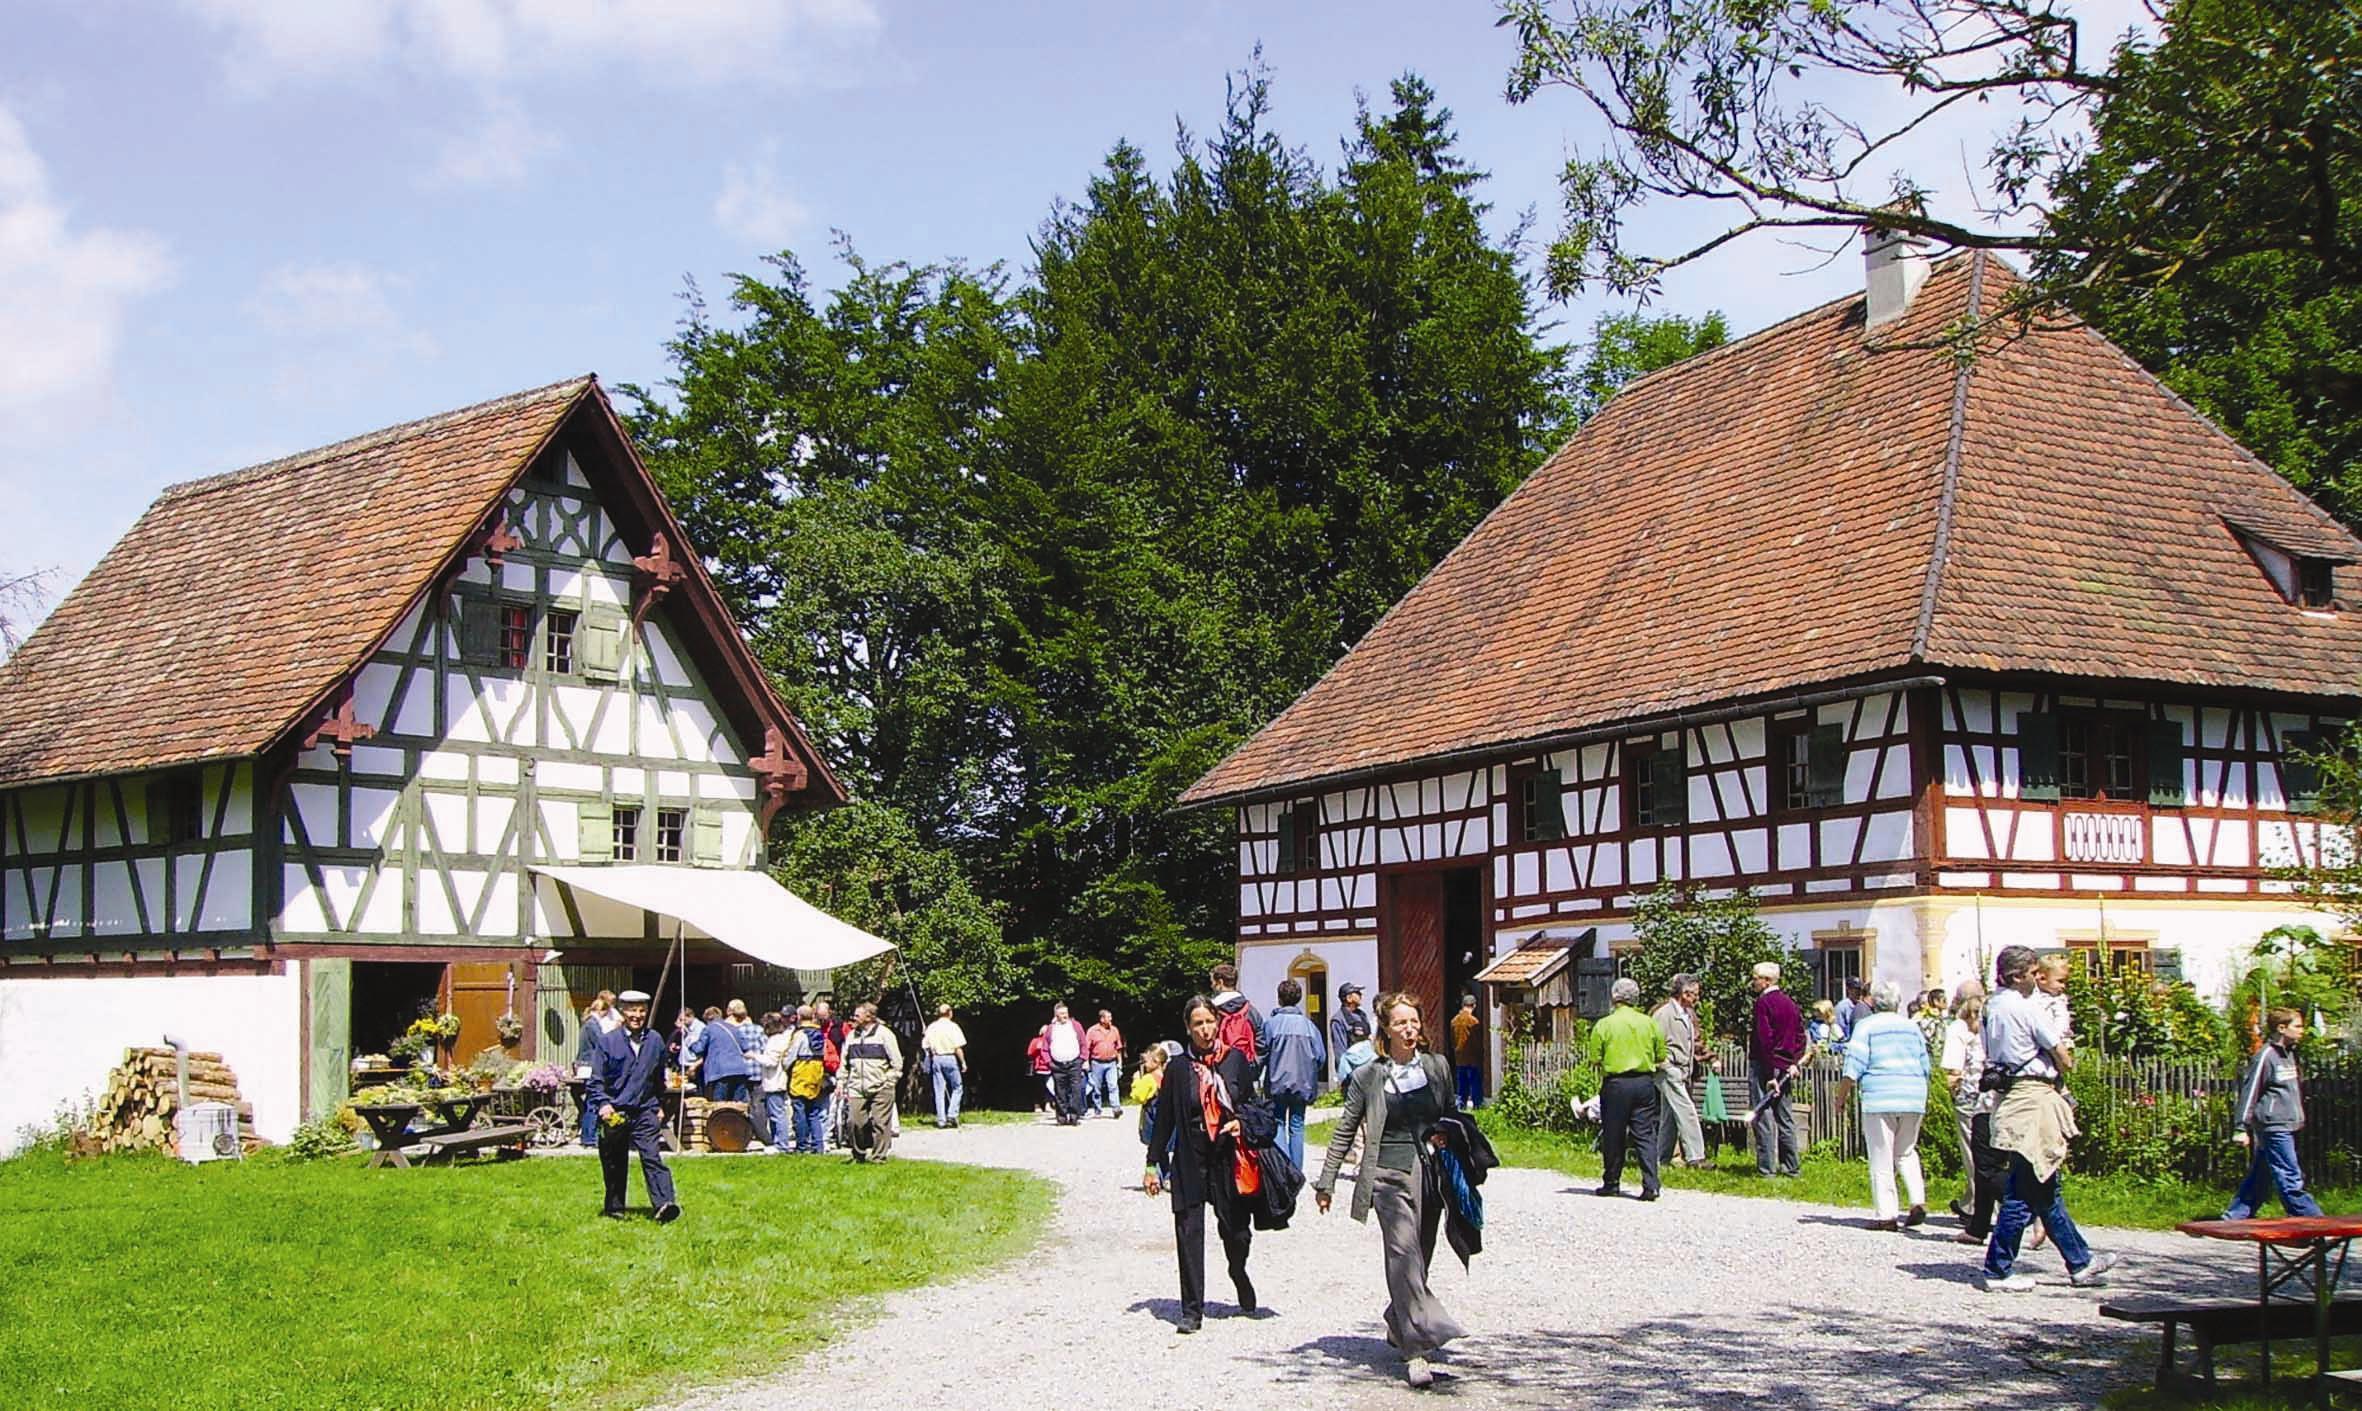 Bauernhaus-Museum Wolfegg 1